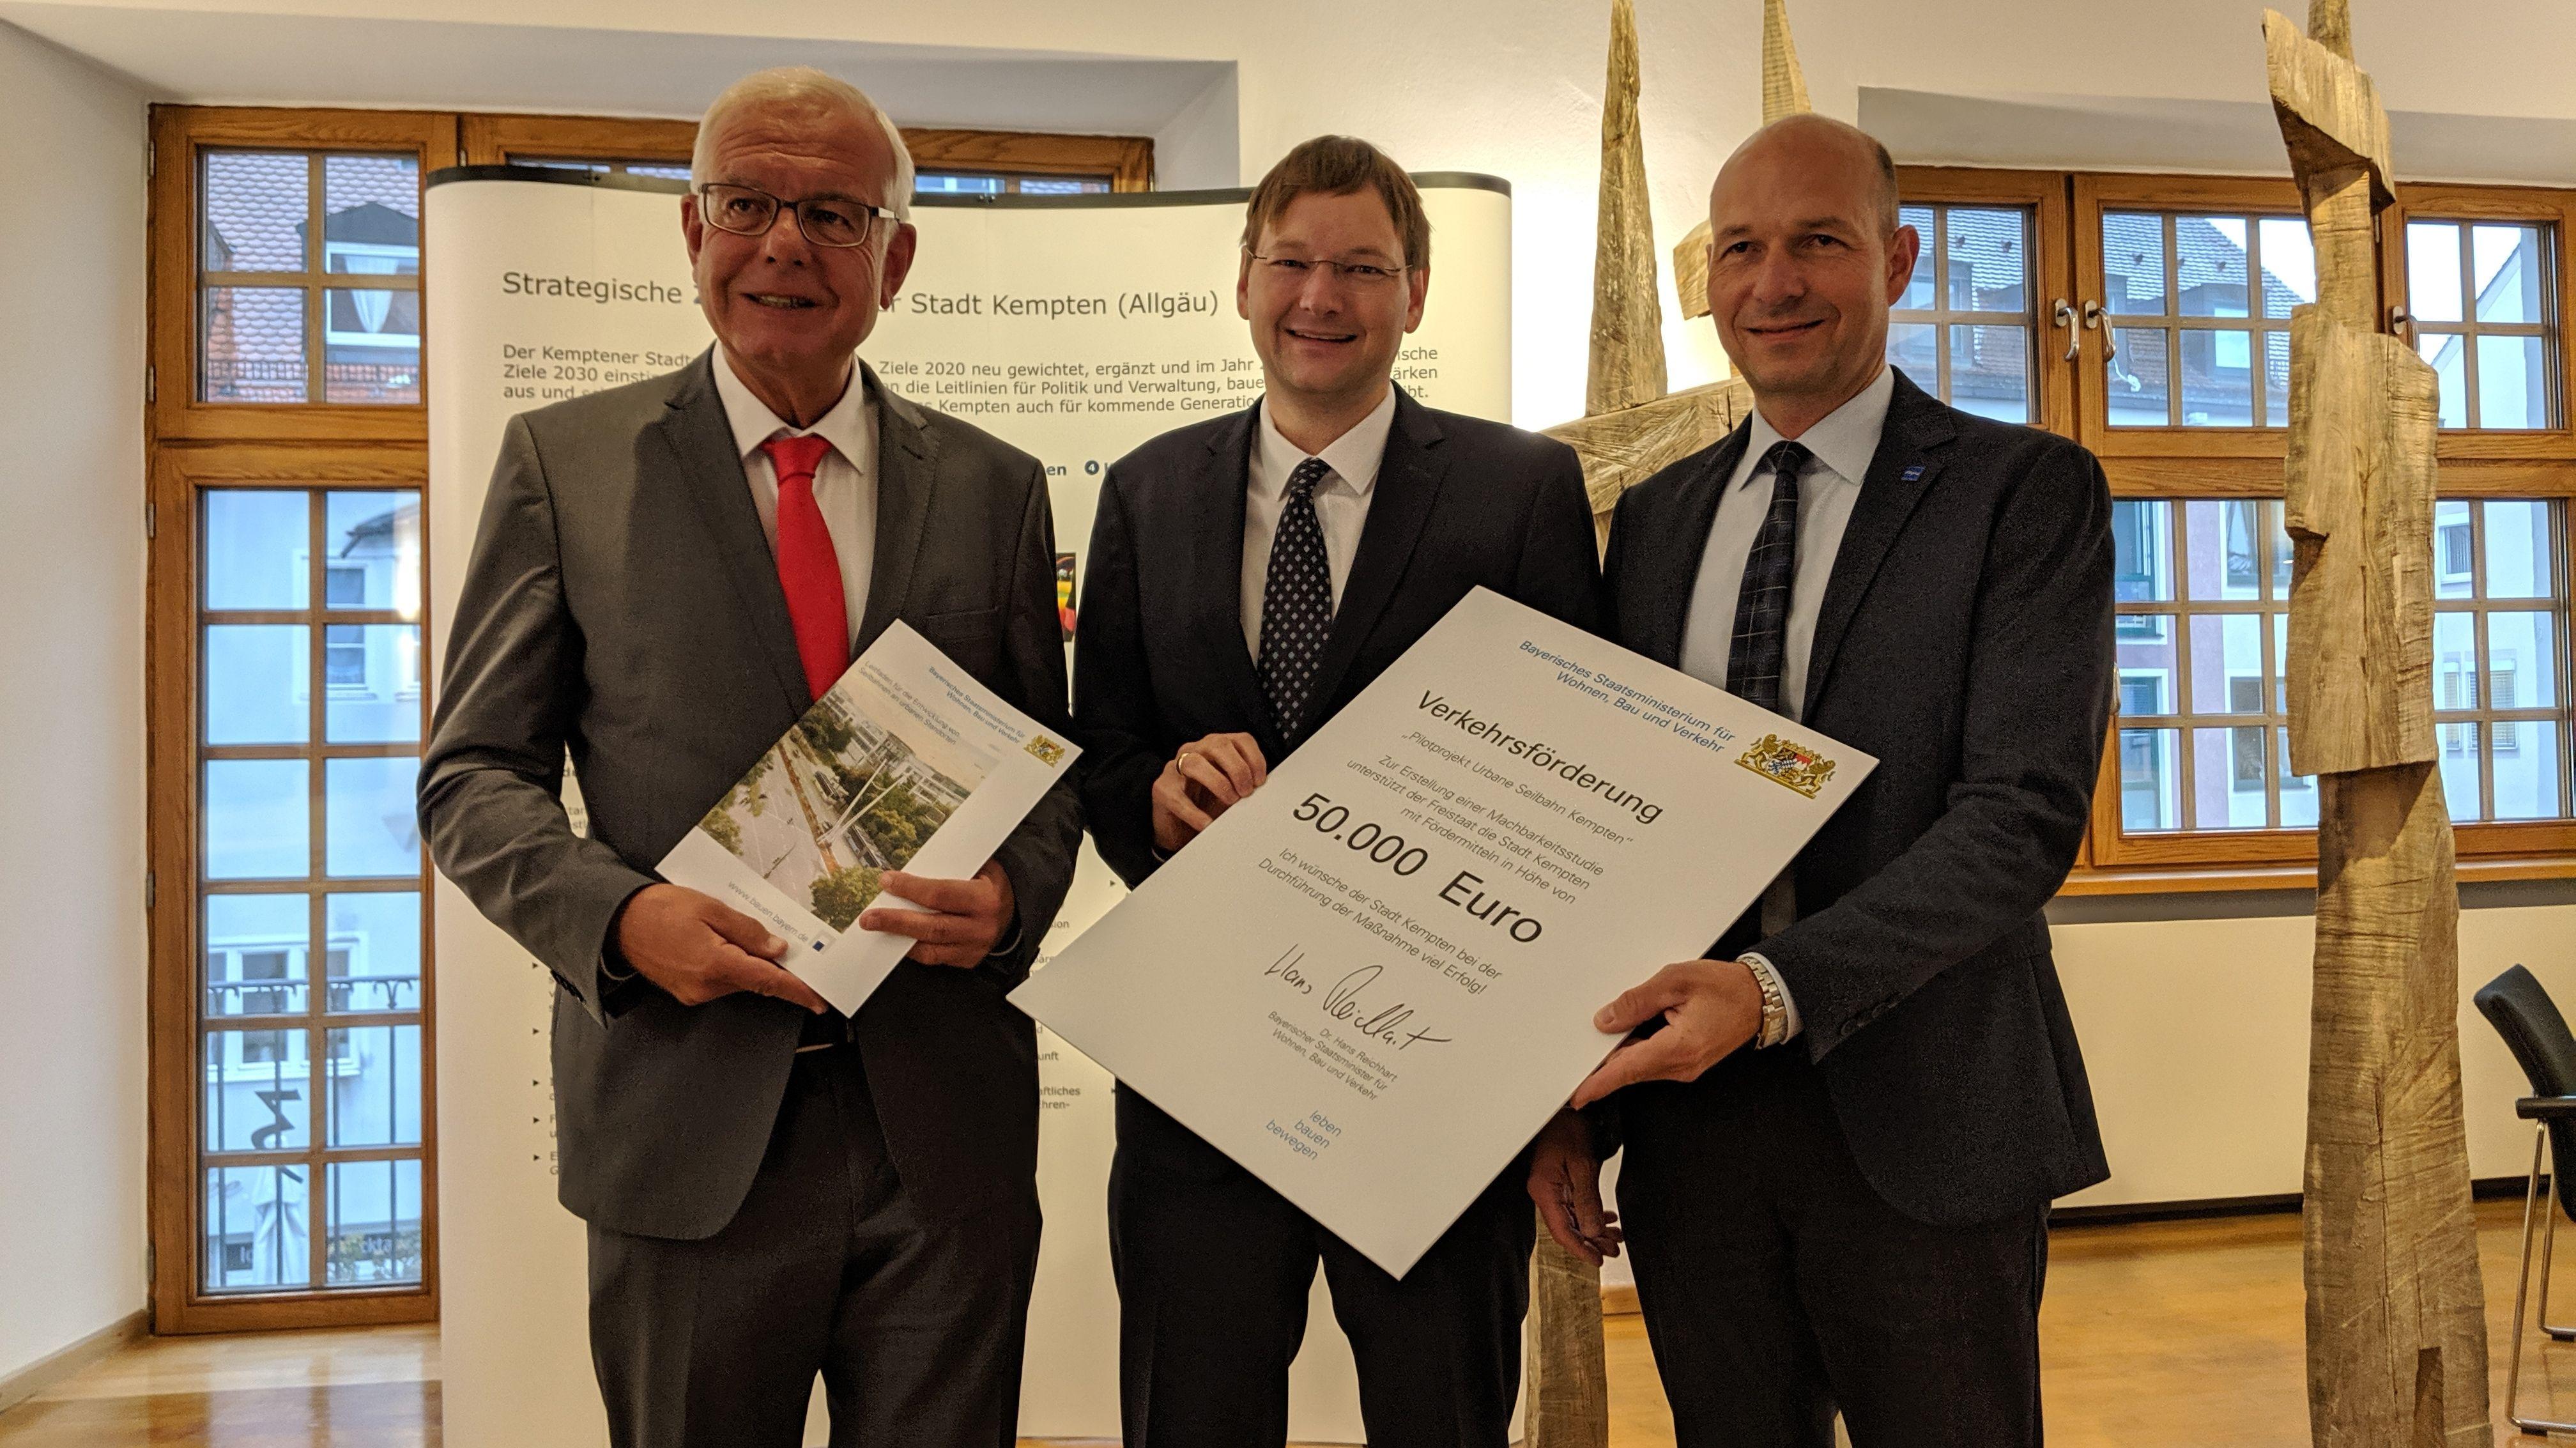 Verkehrsminister Hans Reichhart (Mitte) überreicht den Förderbescheid an Kemptens OB Thomas Kiechle (rechts). Links MdL Thomas Kreuzer (CSU).